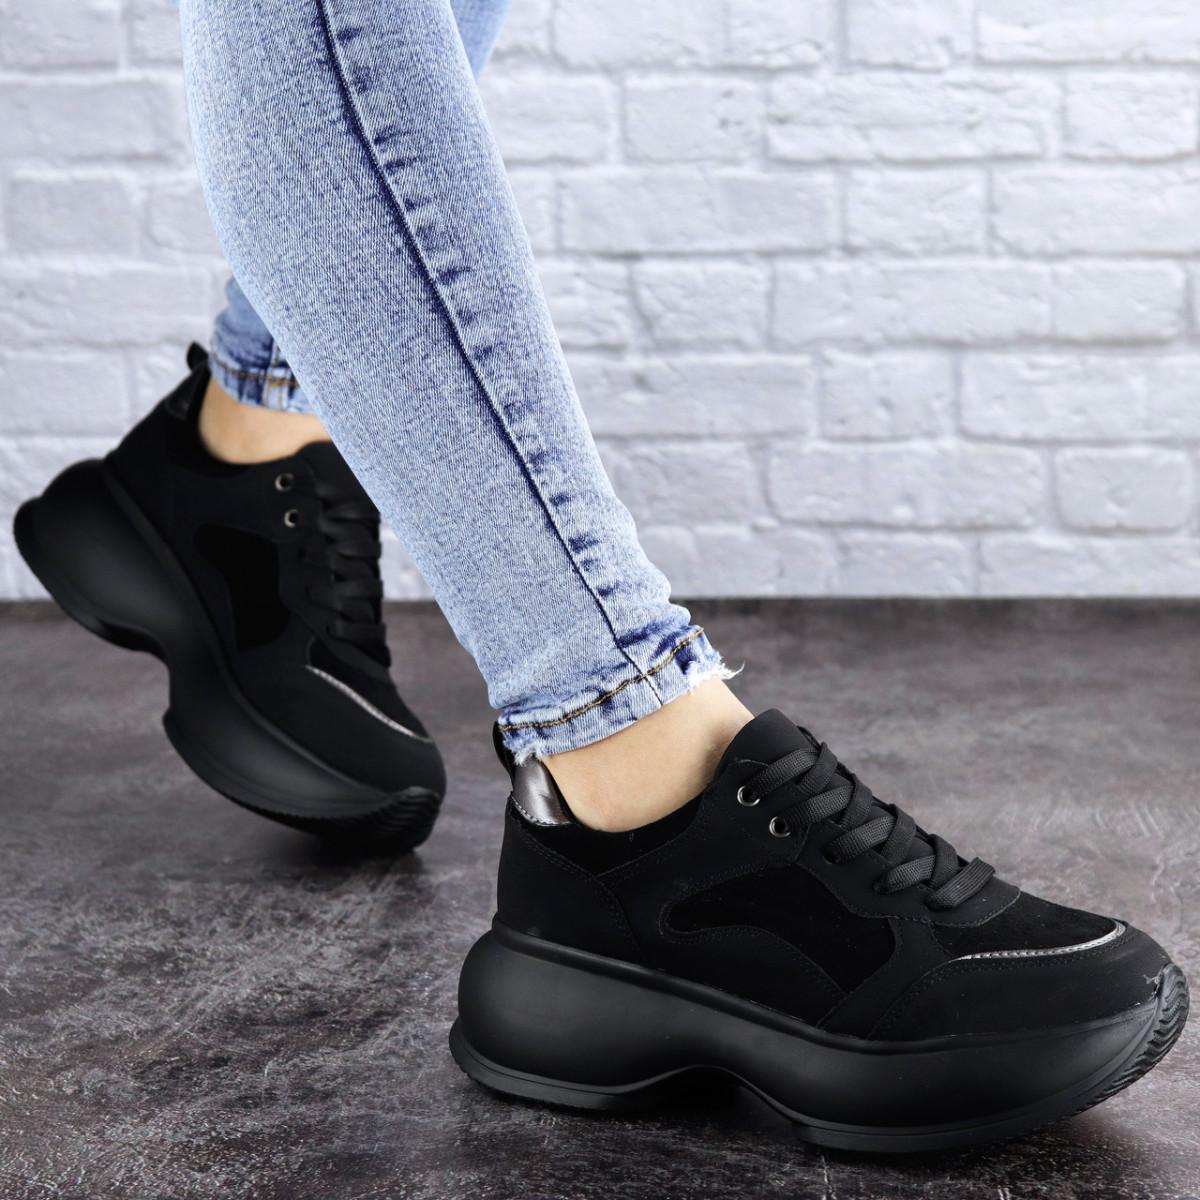 Женские кроссовки Fashion Negrita 2056 38 размер 24 см Черный